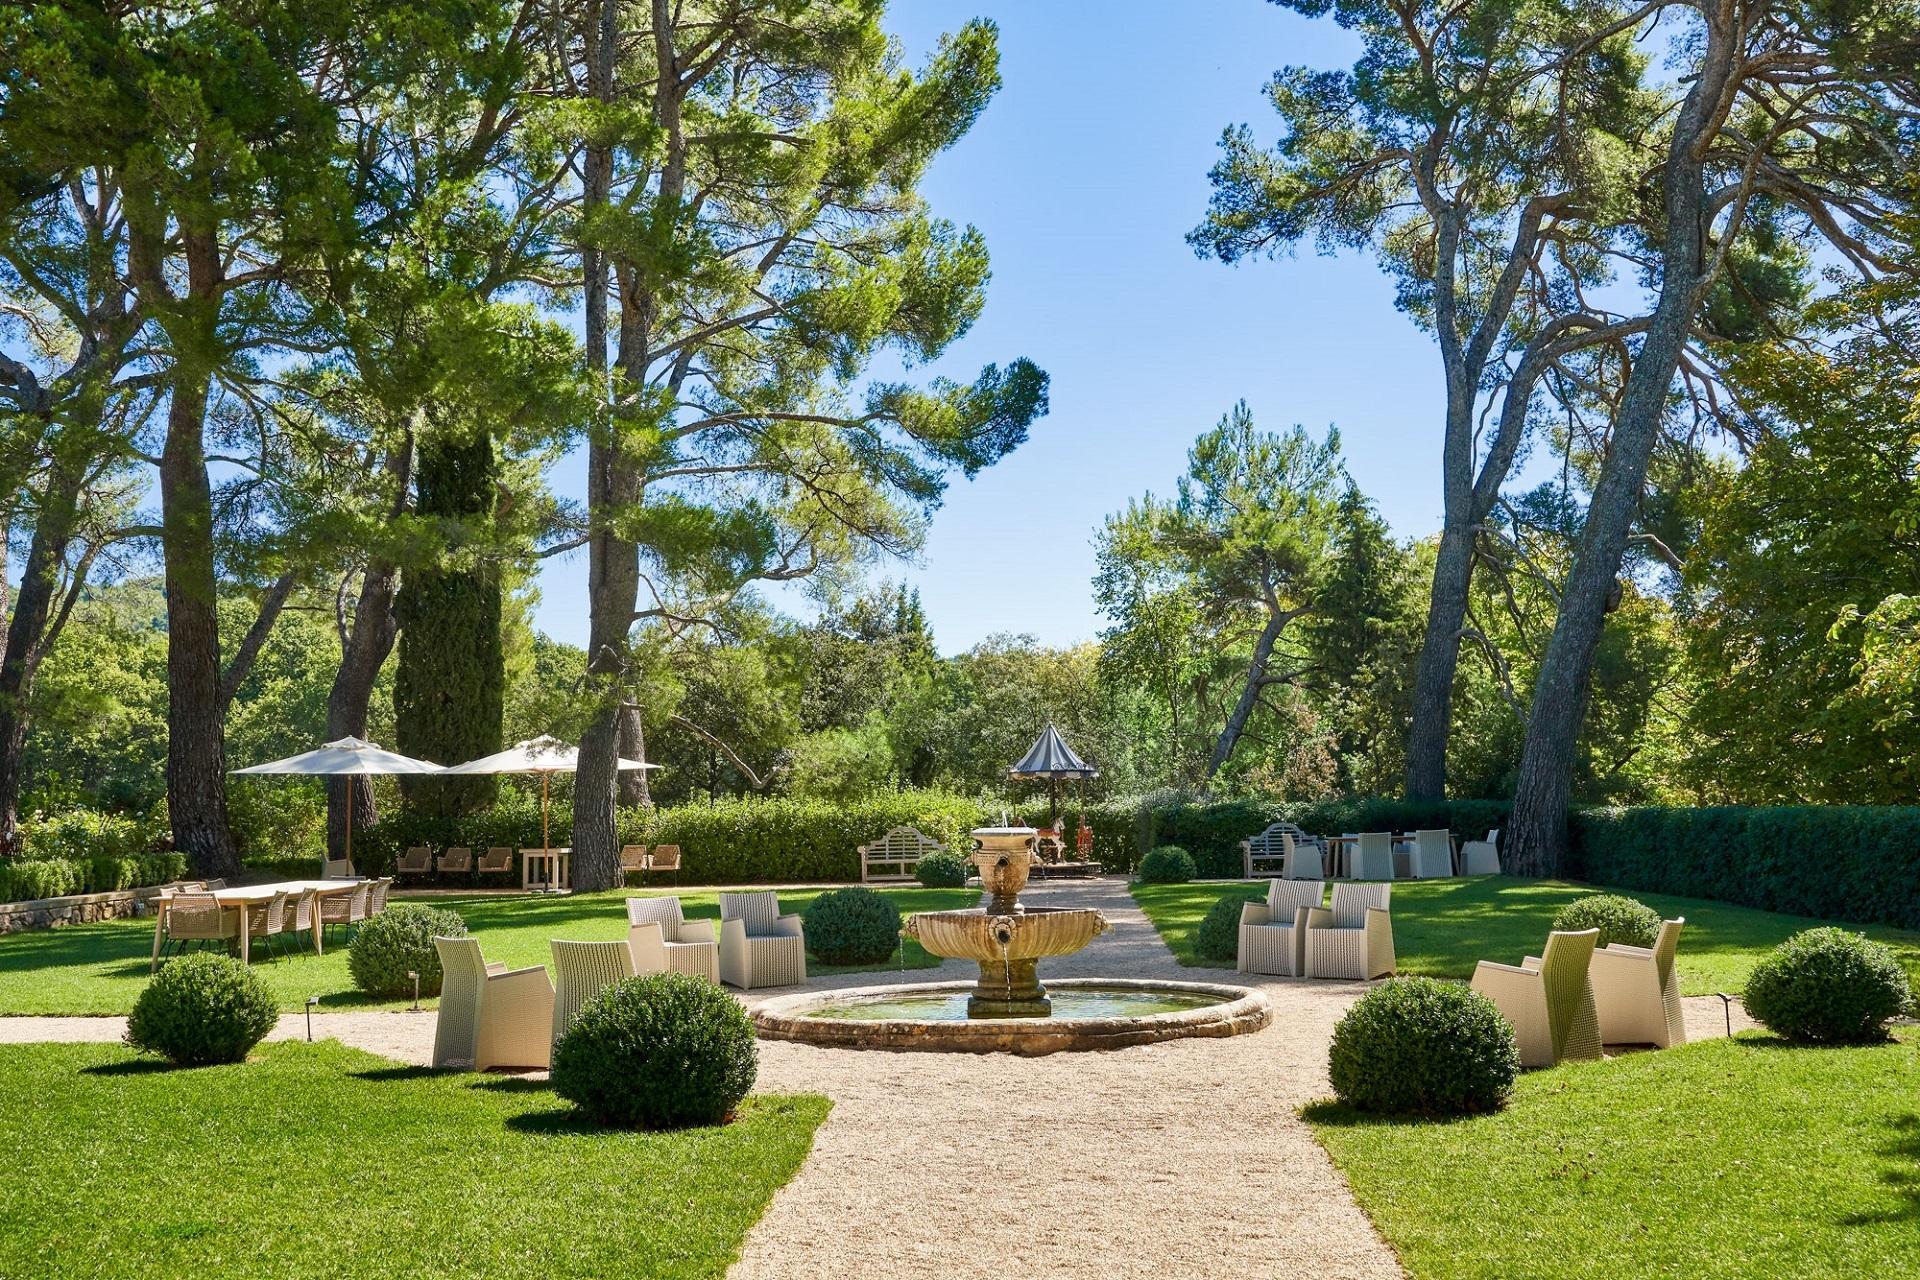 Chateau-de-la-Gaude-aix-en-provence-parc